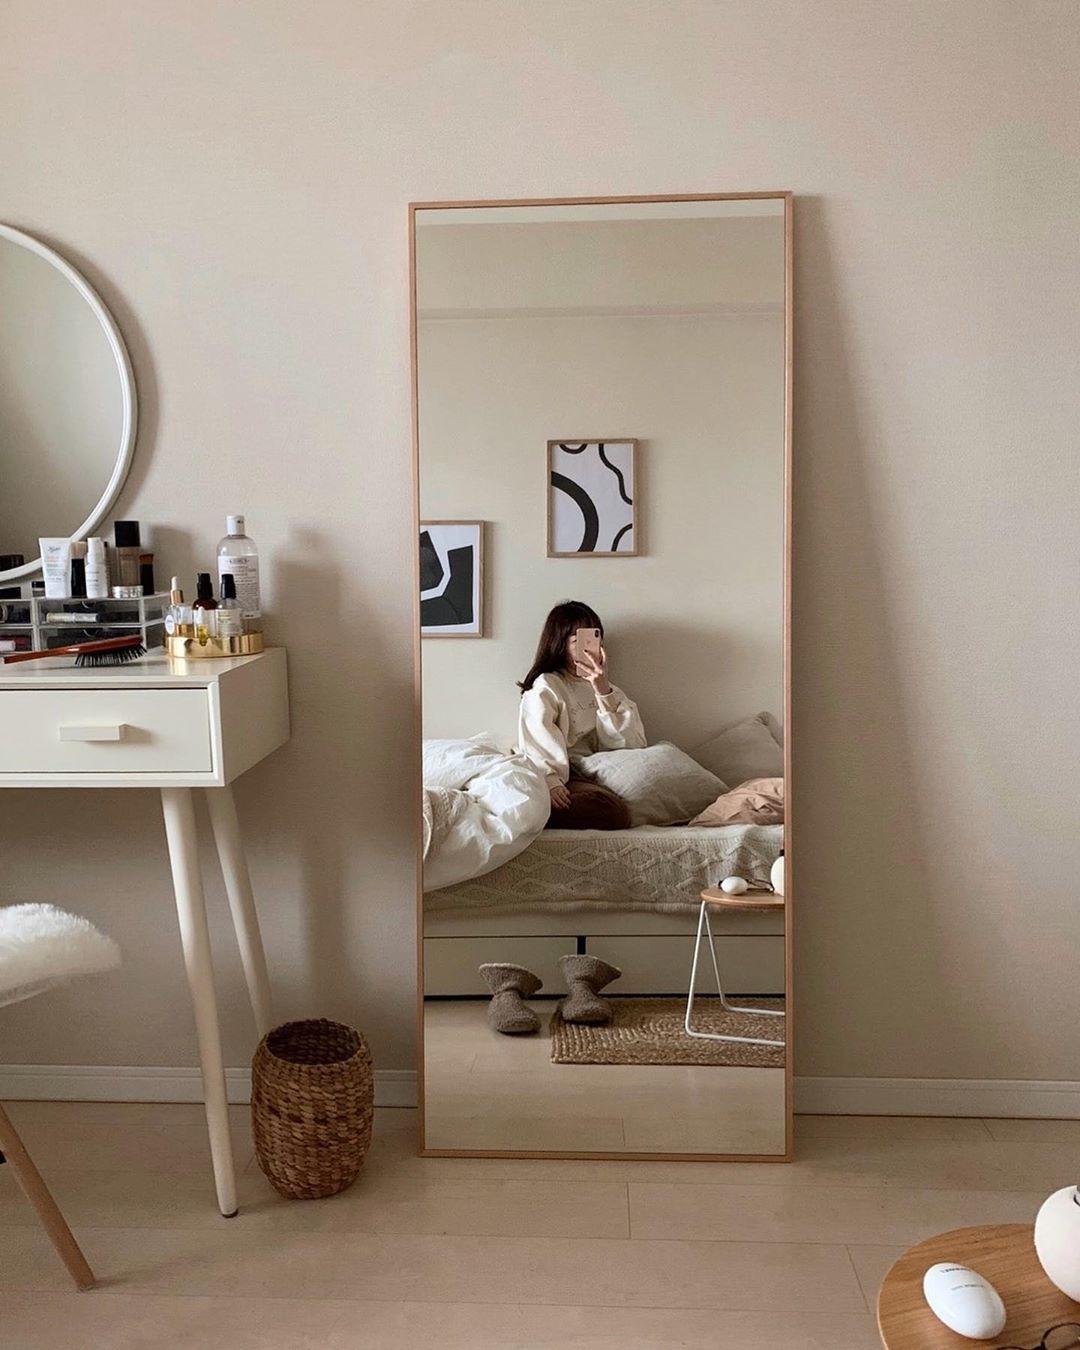 全身映る大きめ鏡